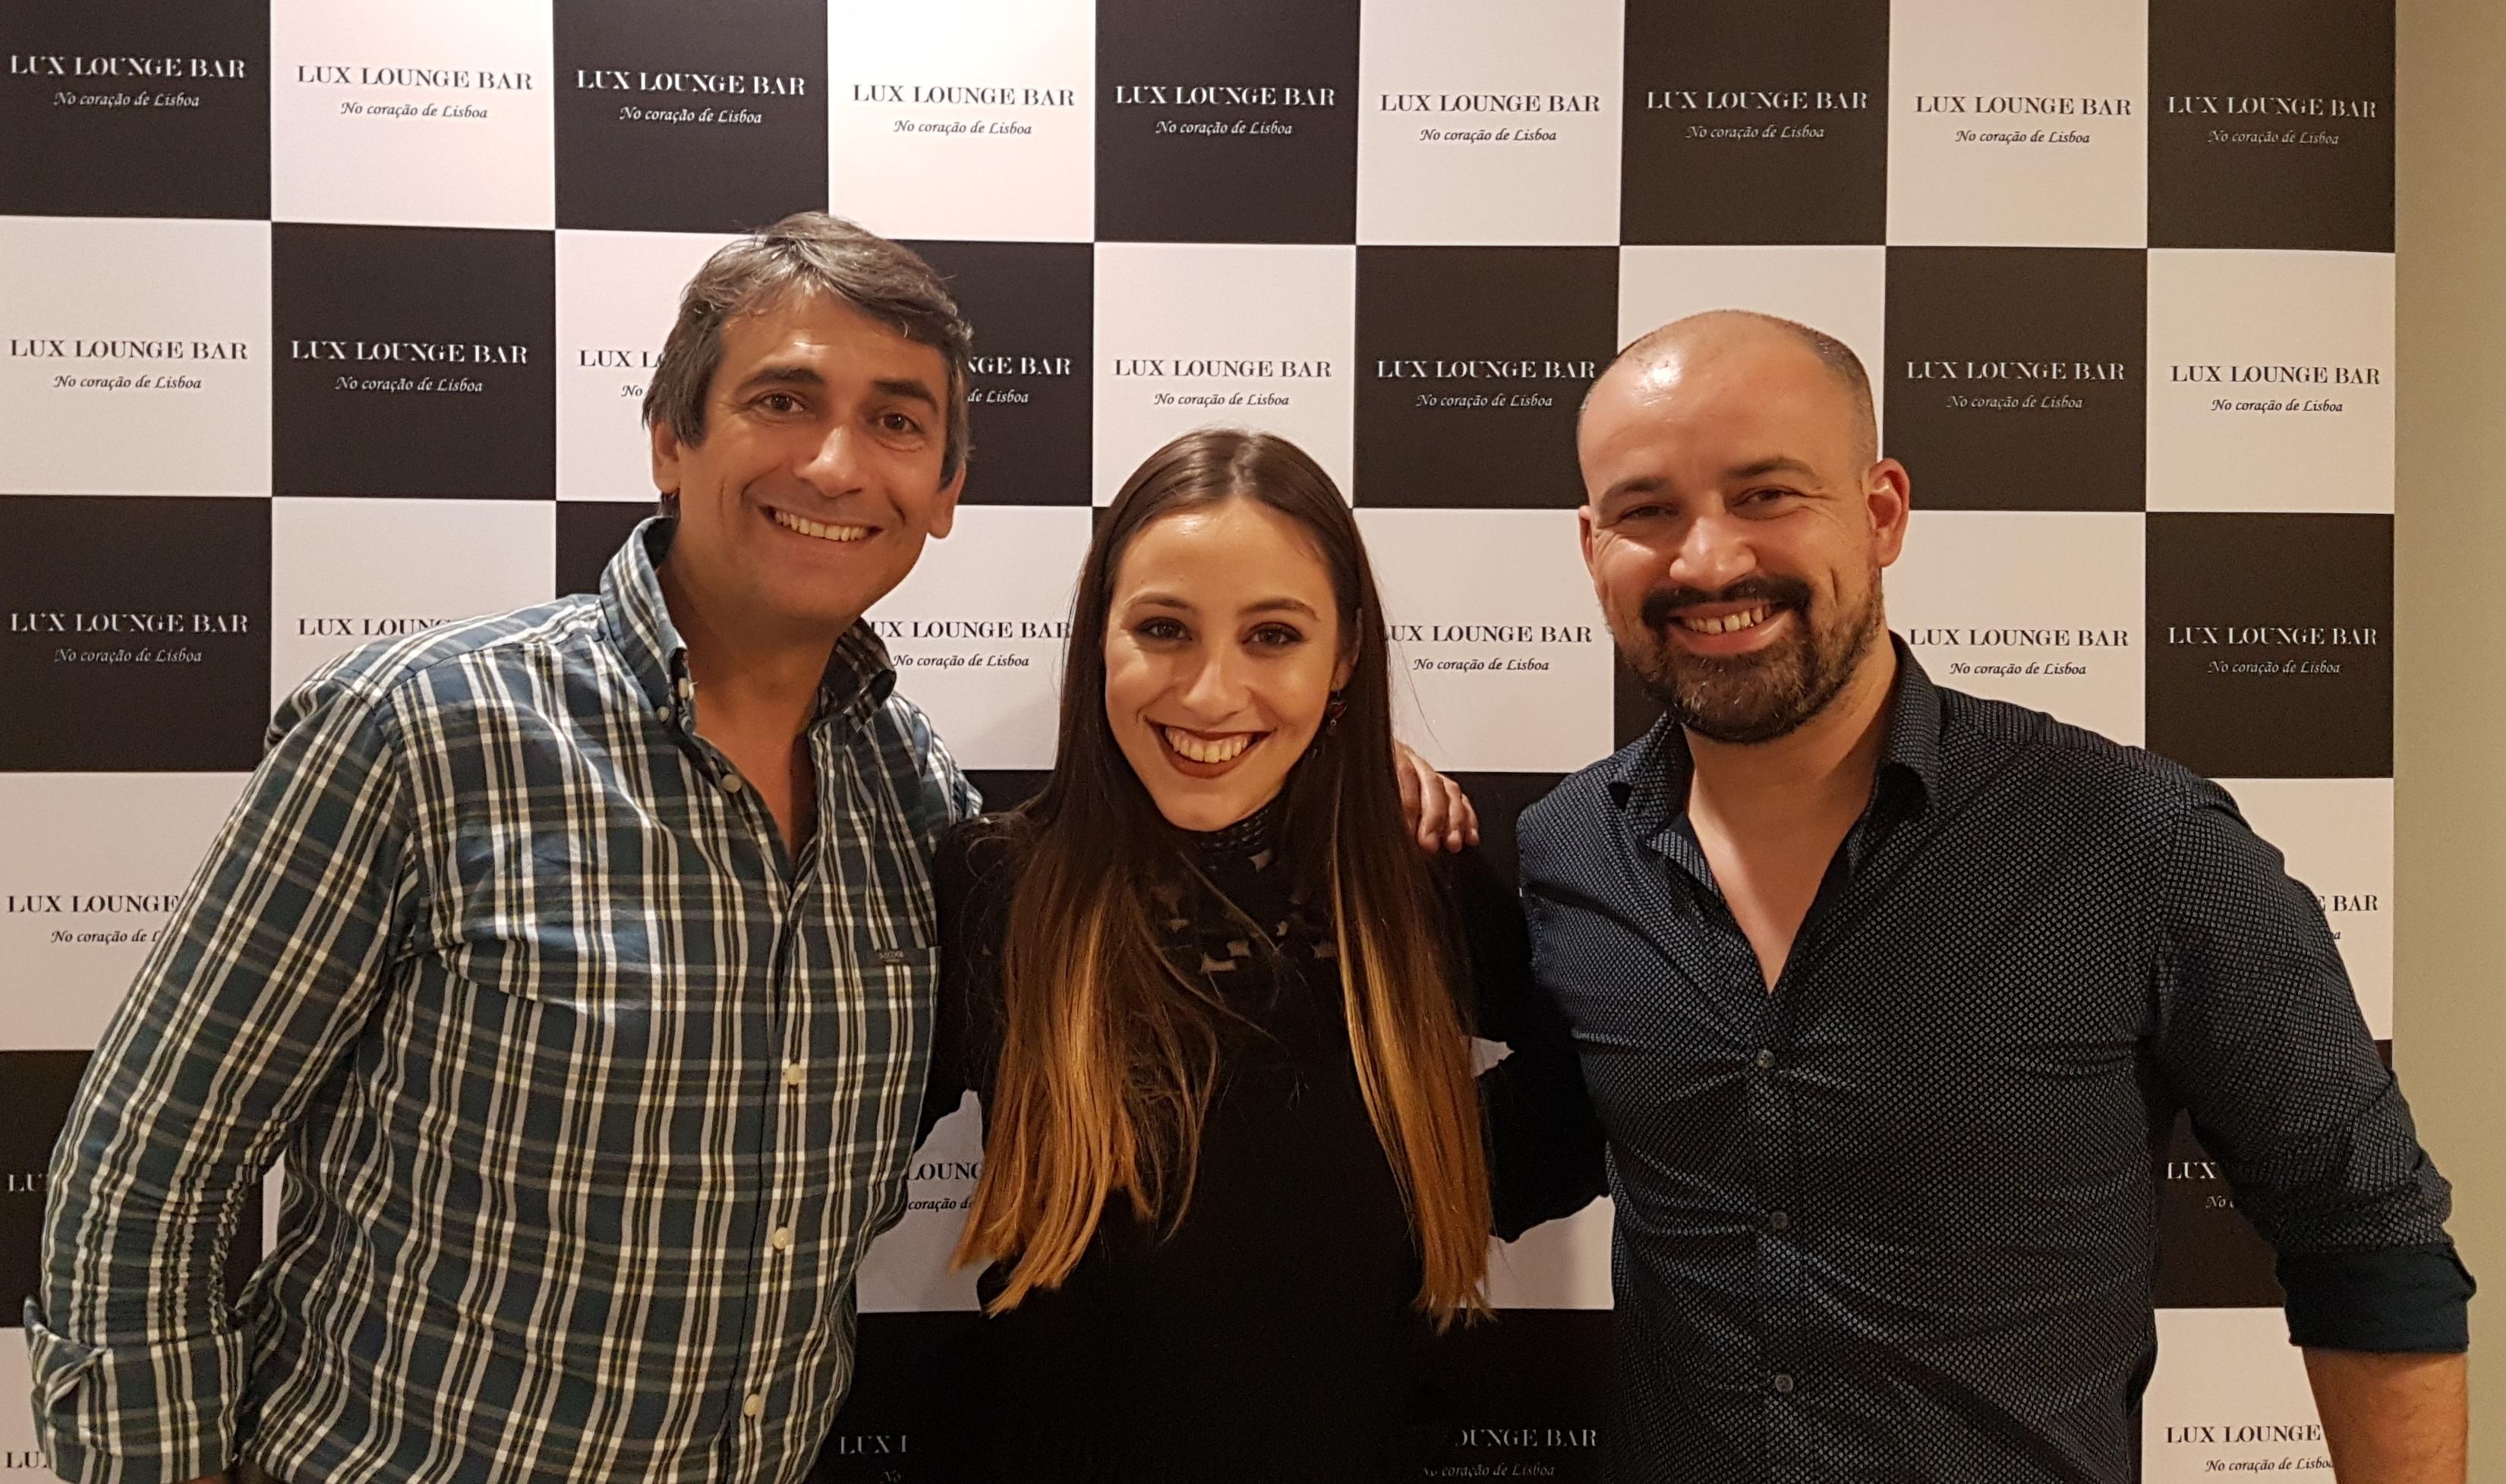 Pedro Luis, Beatriz e João Gomes